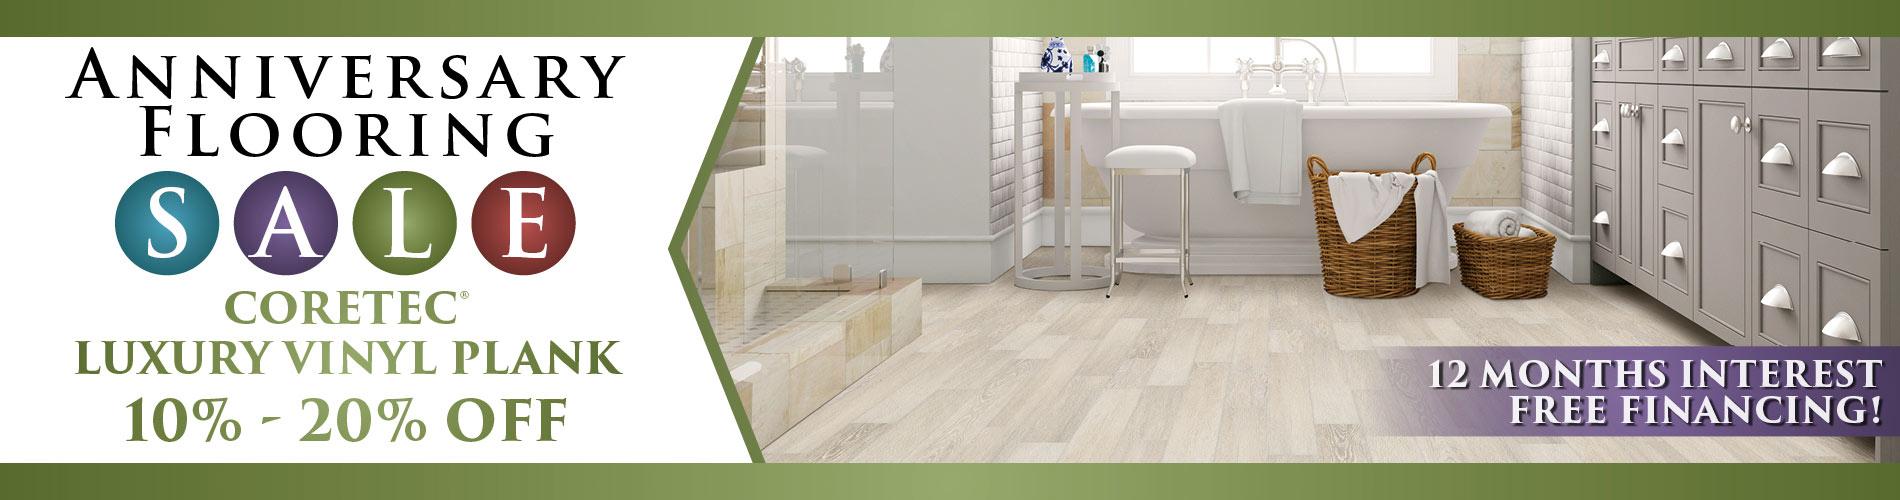 Coretec luxury vinyl plank 10%-20% off